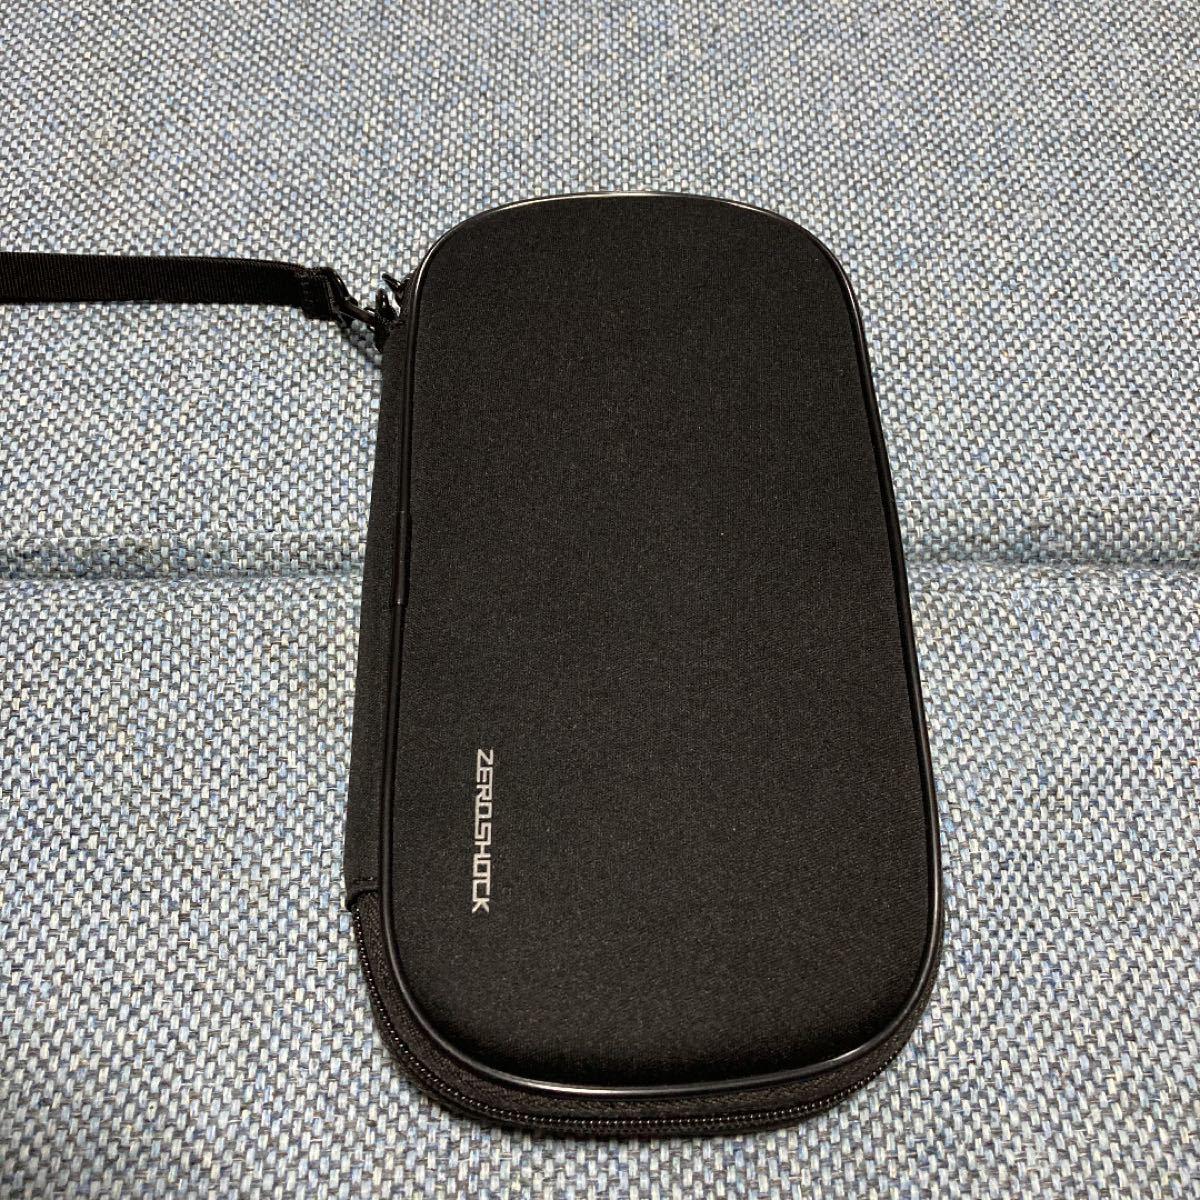 ニンテンドーSwitchライト              専用ケースカバー 専用ポーチケース        エレコム  2個セット